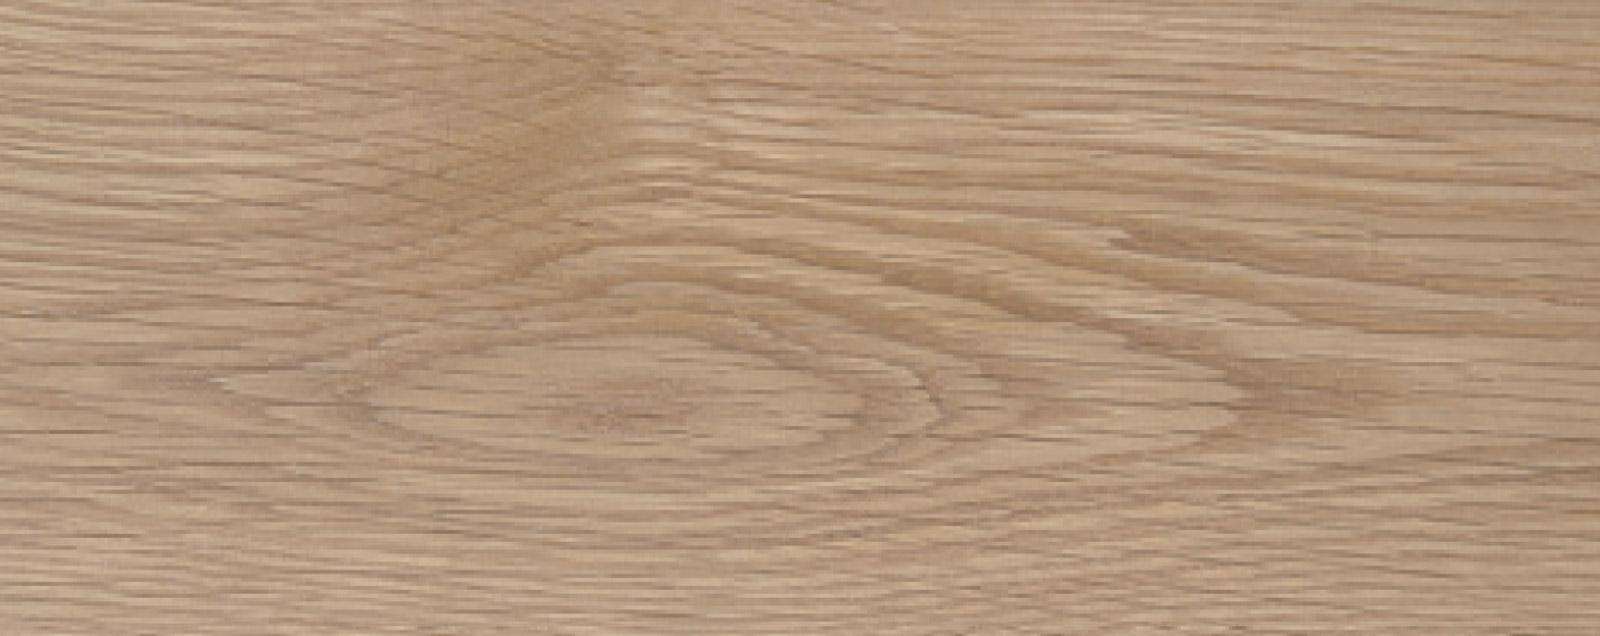 Maderas frondosas roble blanco americano maderas chapar for Zapateros de madera de roble